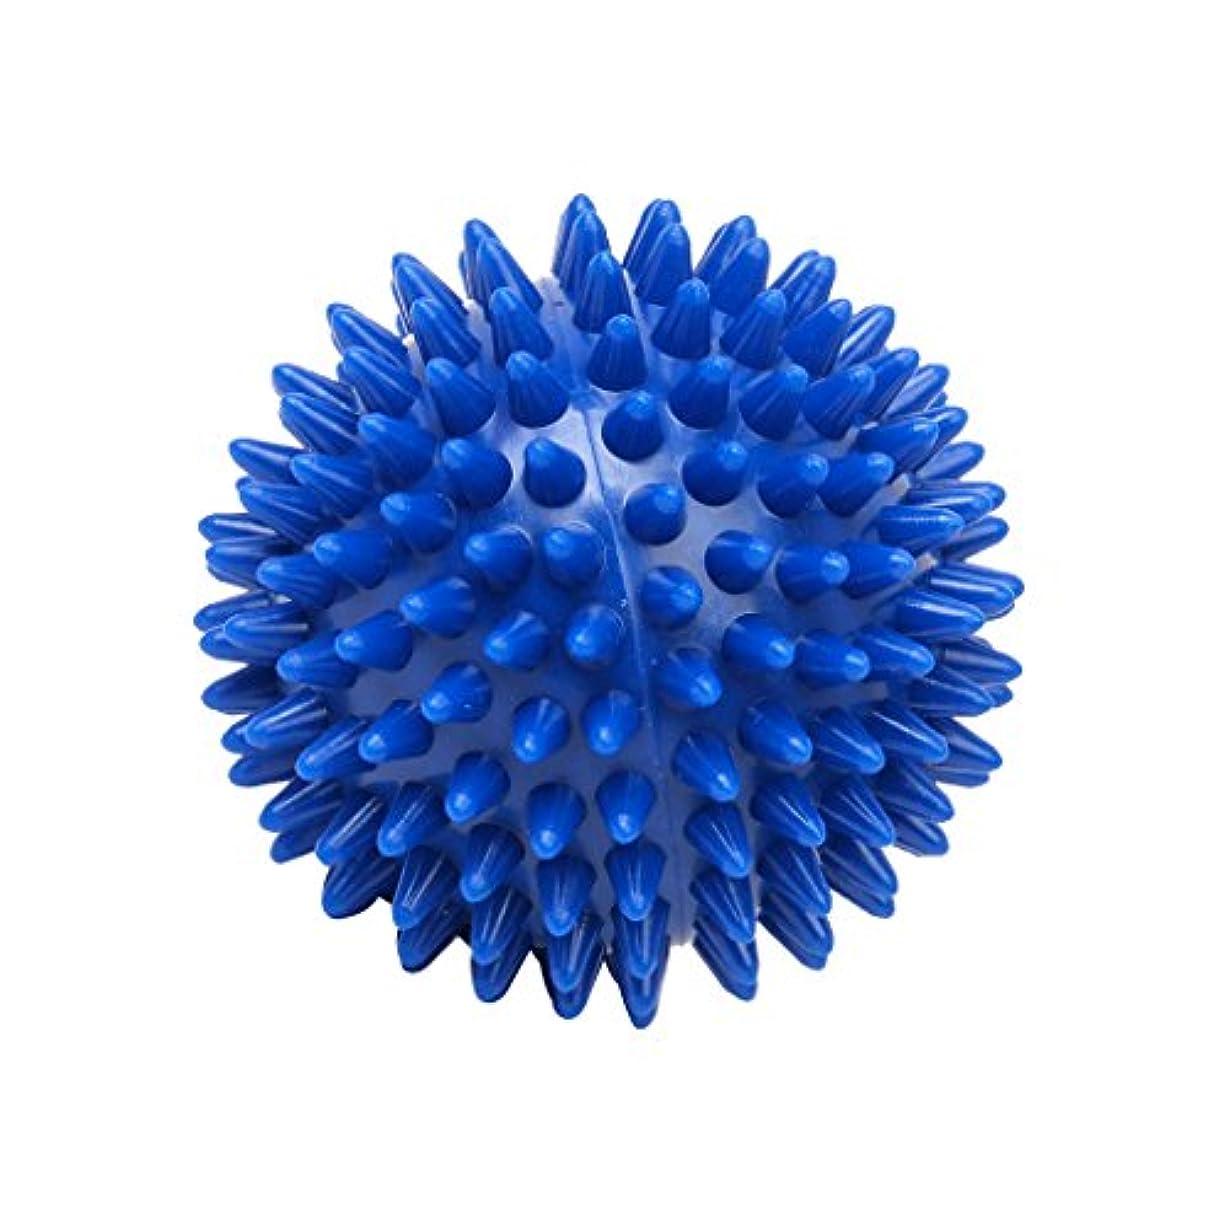 ペフ受信広がりFootful マッサージボール 健康グッズ 健康器具 血液循環促進 緊張緩和 7cm ブルー